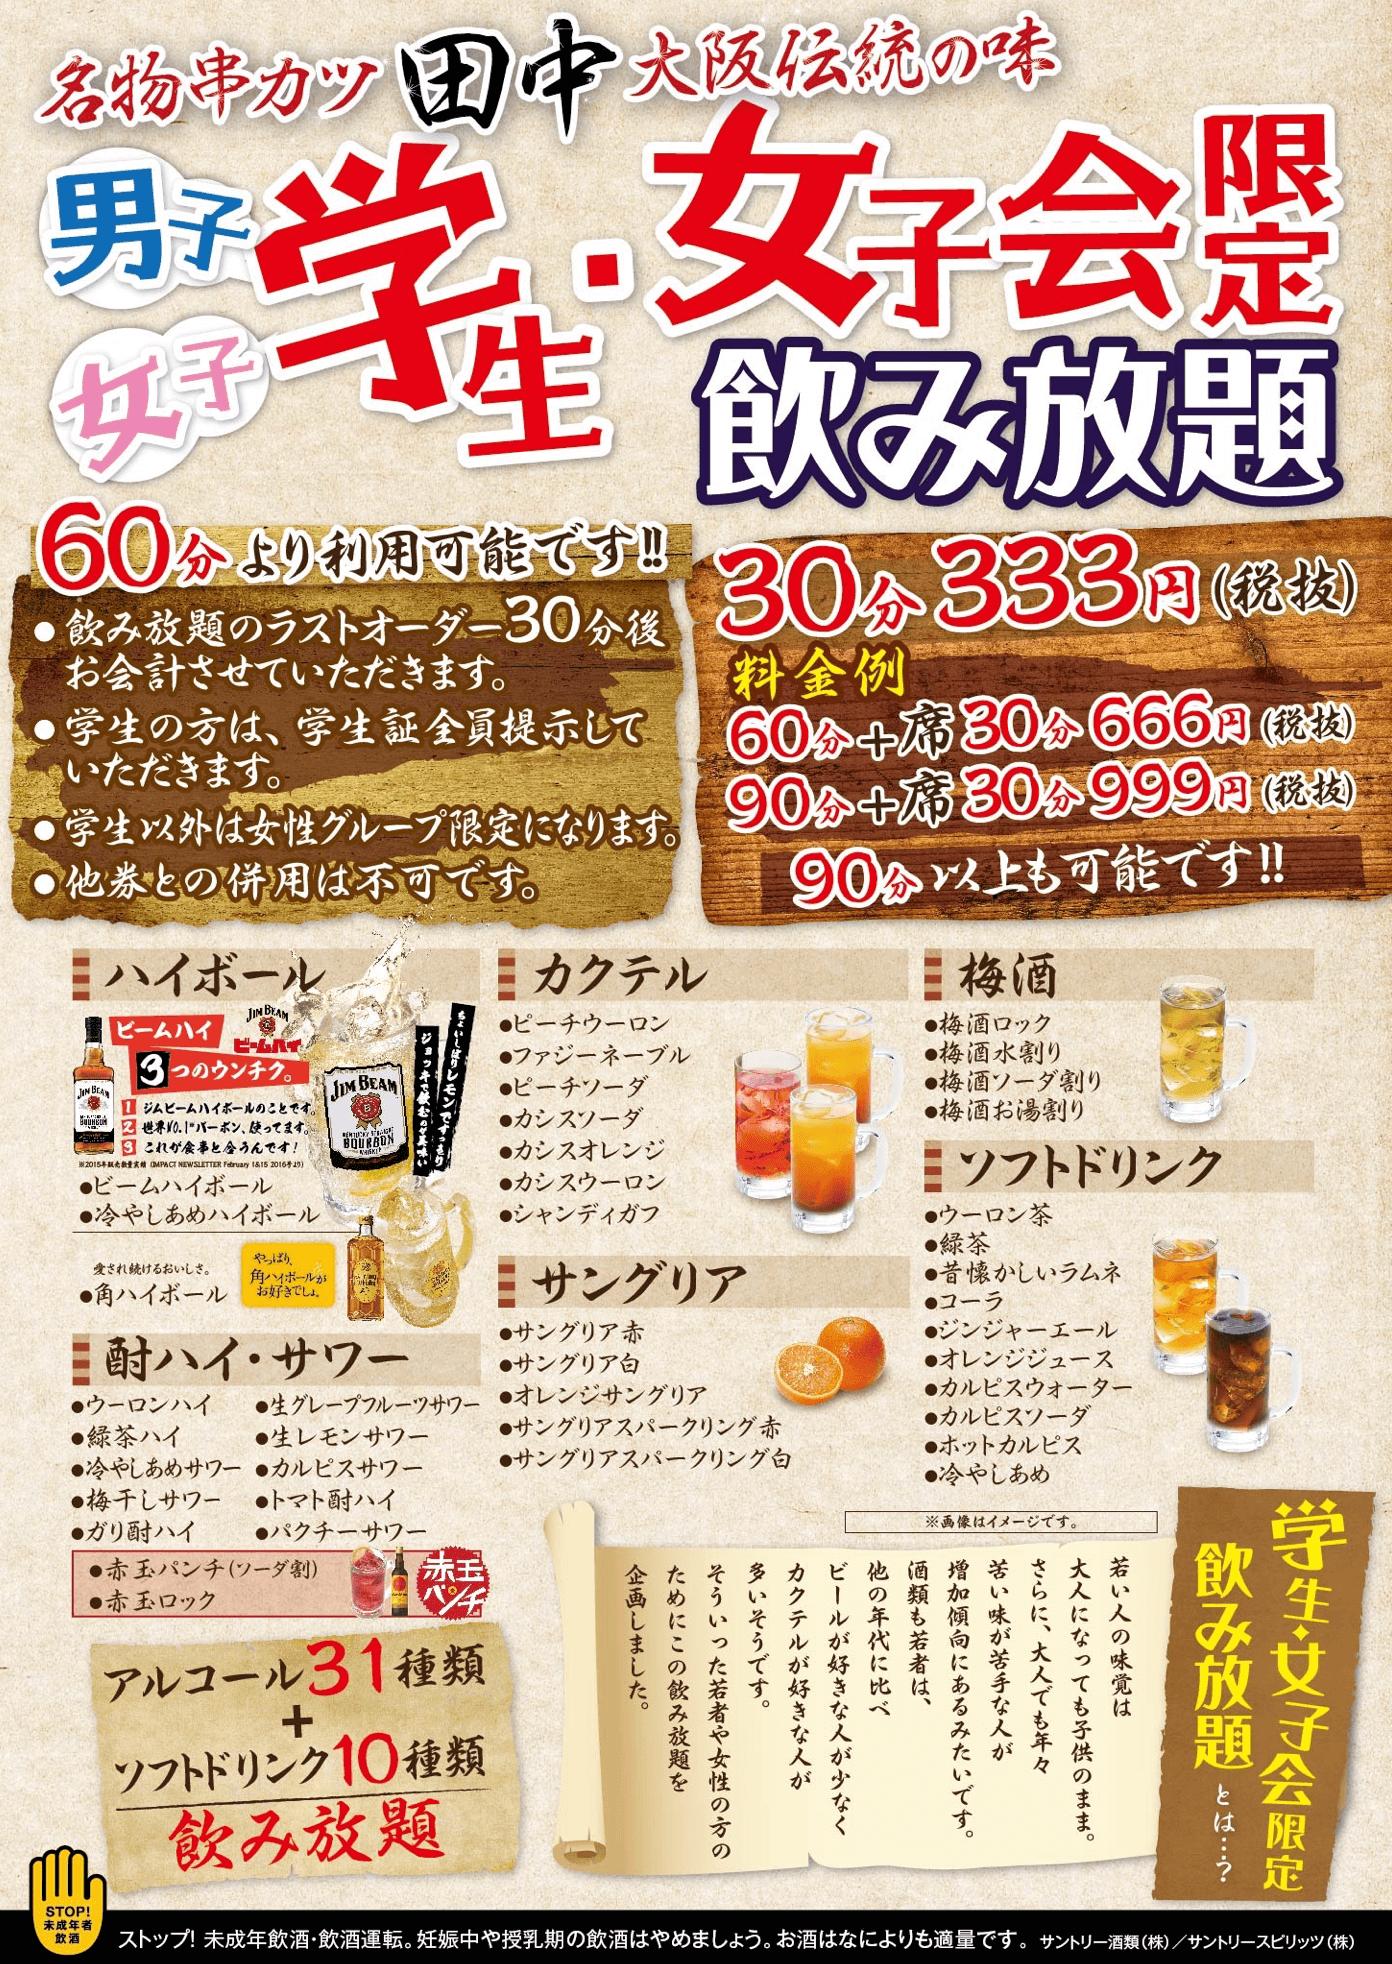 学生・女子会限定飲み放題 (別途お通し代)  ※税抜